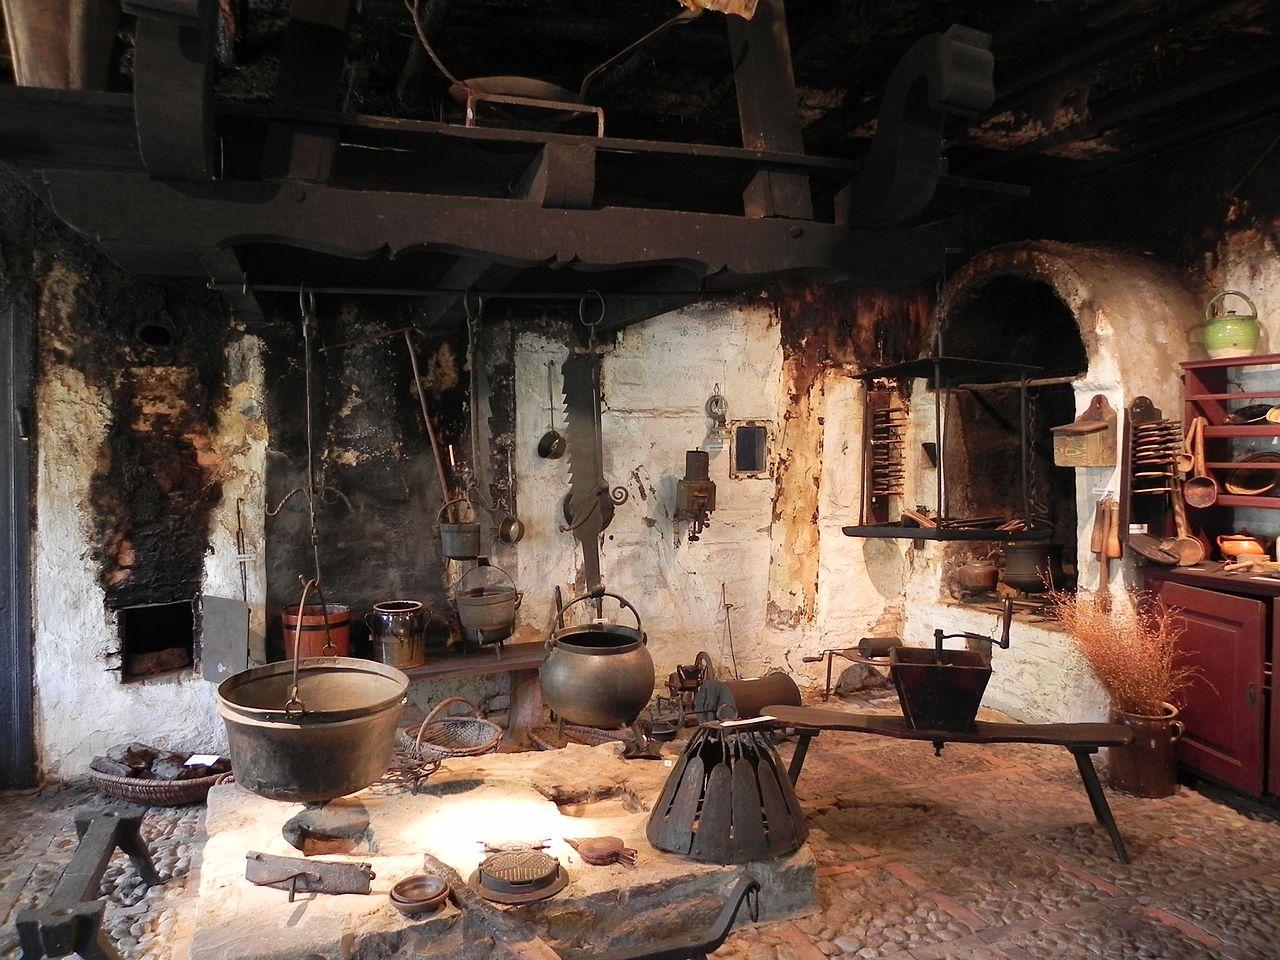 File:Feuerstelle Rauchhaus Römstedthaus Bergen.jpg